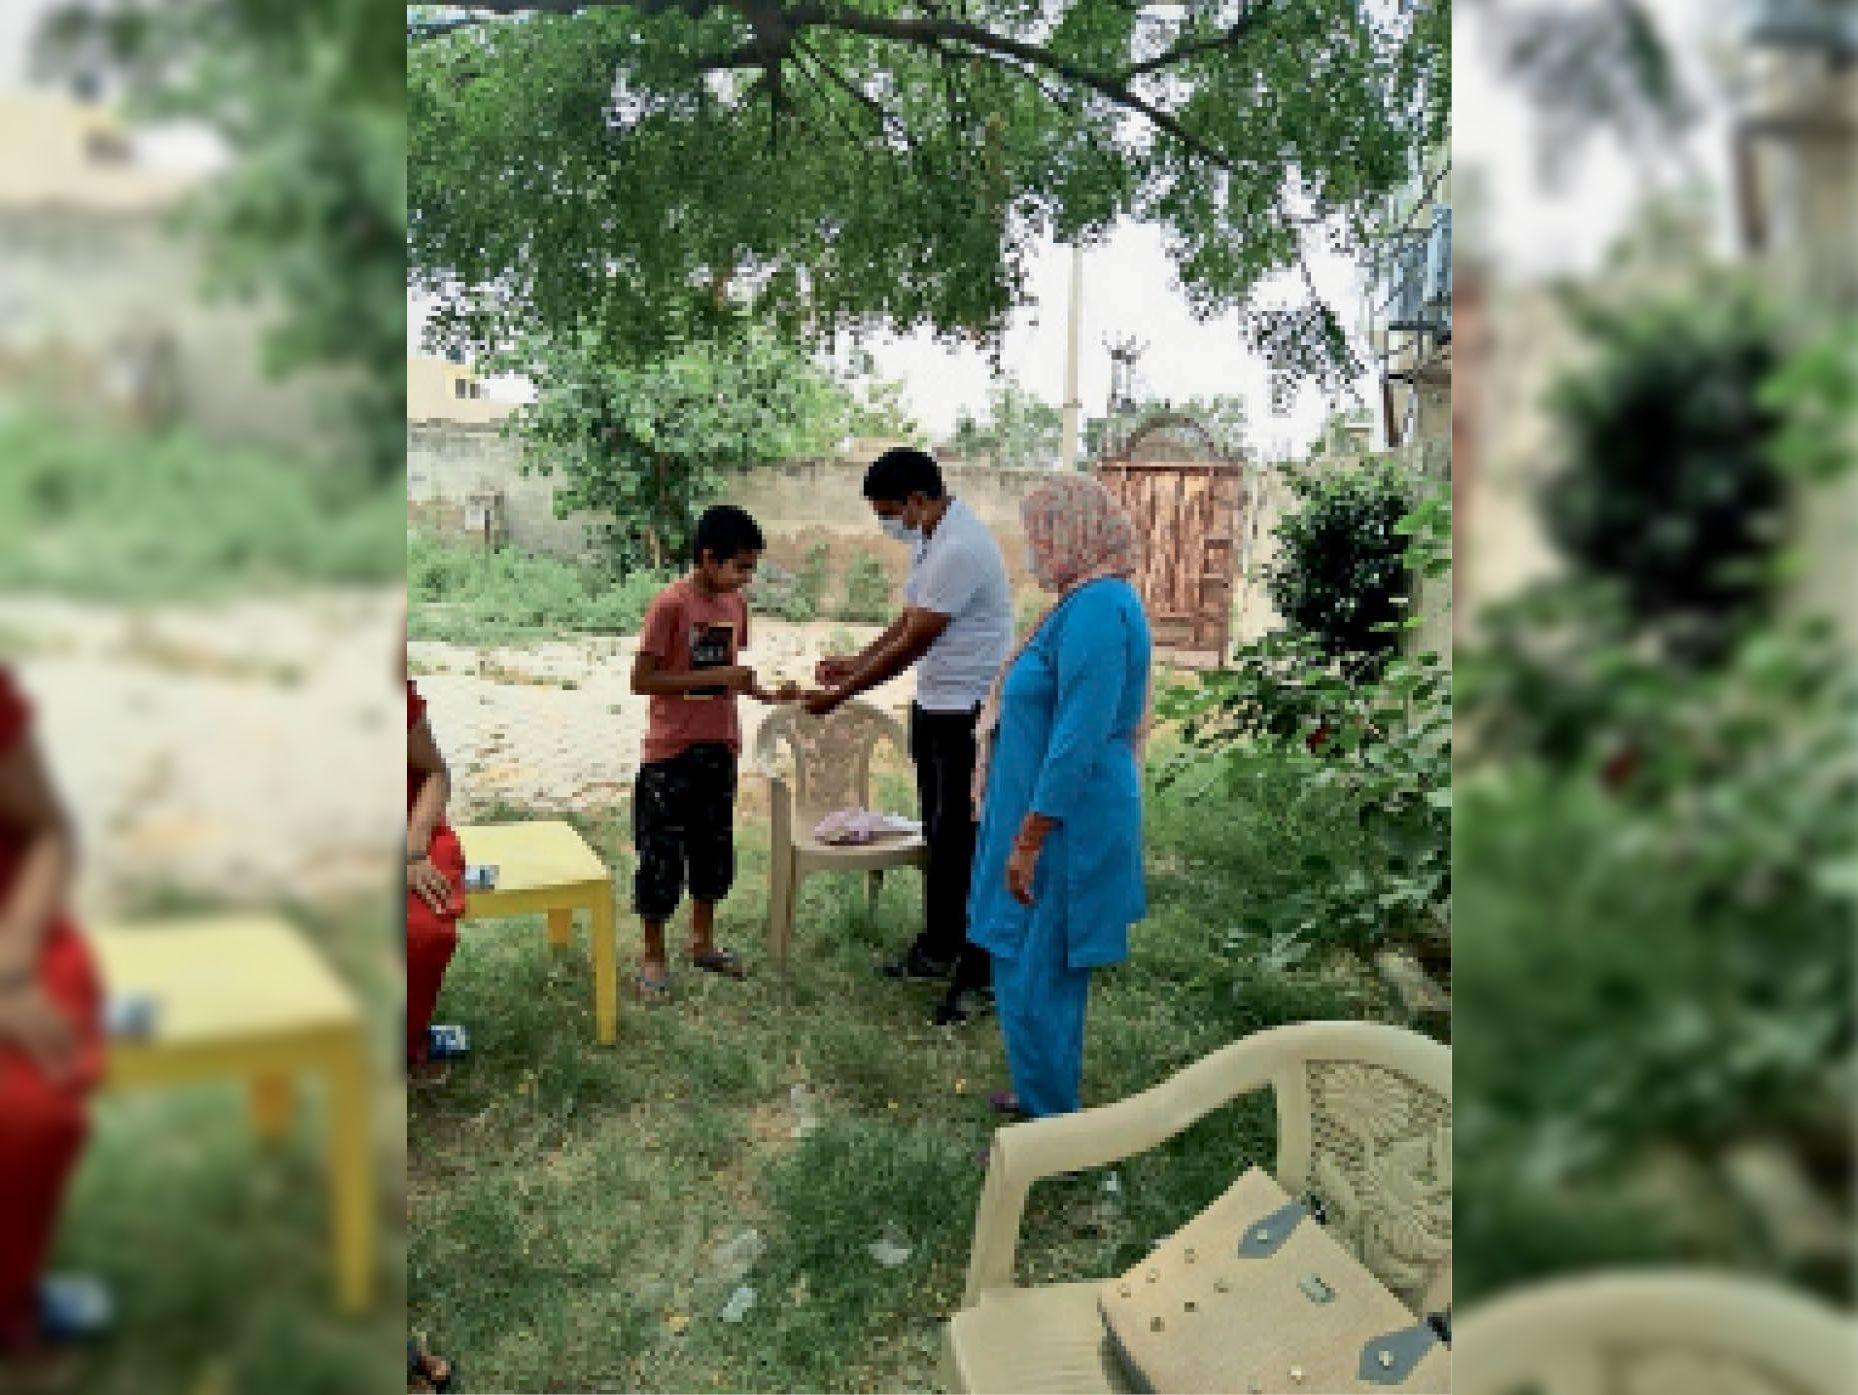 कोसली के गांव सुधराना में सर्वे के दौरान एक बच्चे का मलेरिया टेस्ट करते स्वास्थ्यकर्मी। - Dainik Bhaskar